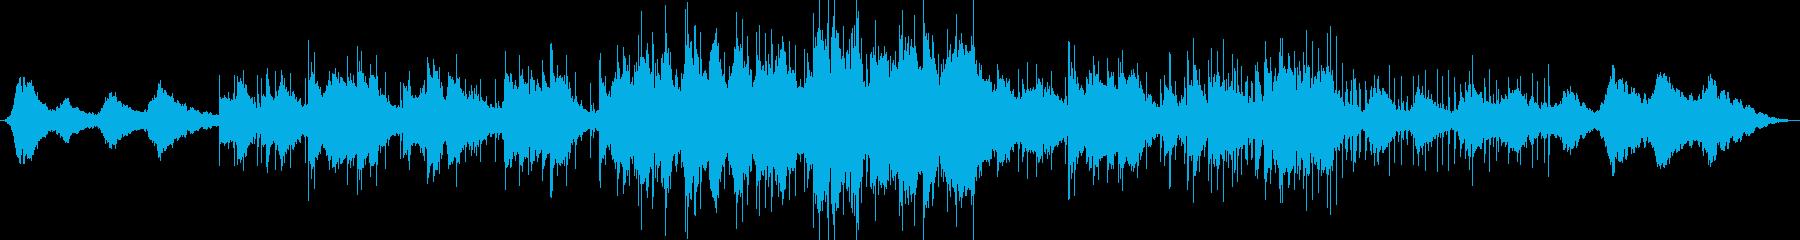 幻想的なイージーリスニングの再生済みの波形